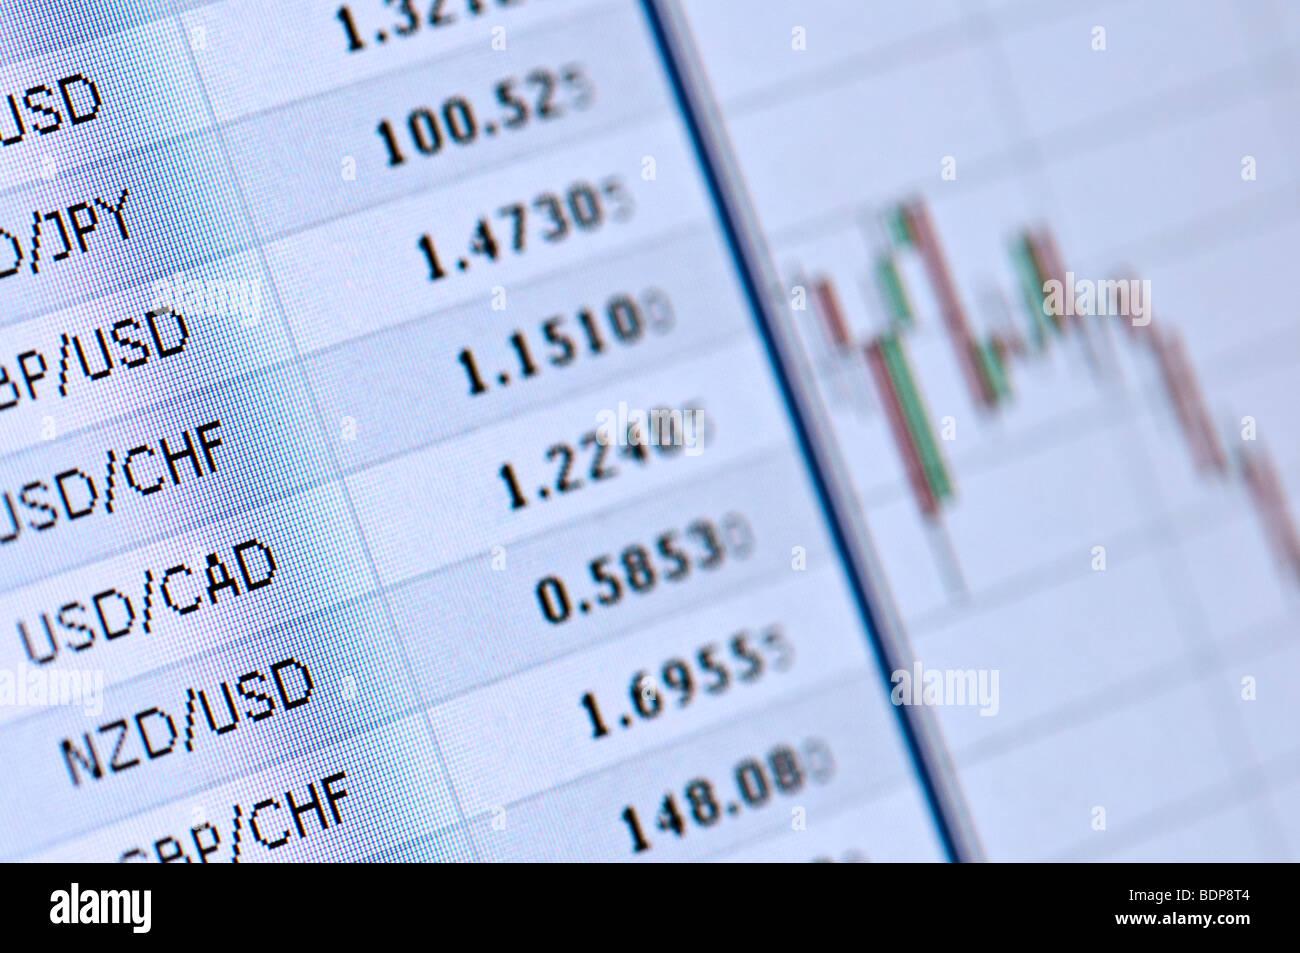 Financer un cours du marché sur le moniteur Photo Stock